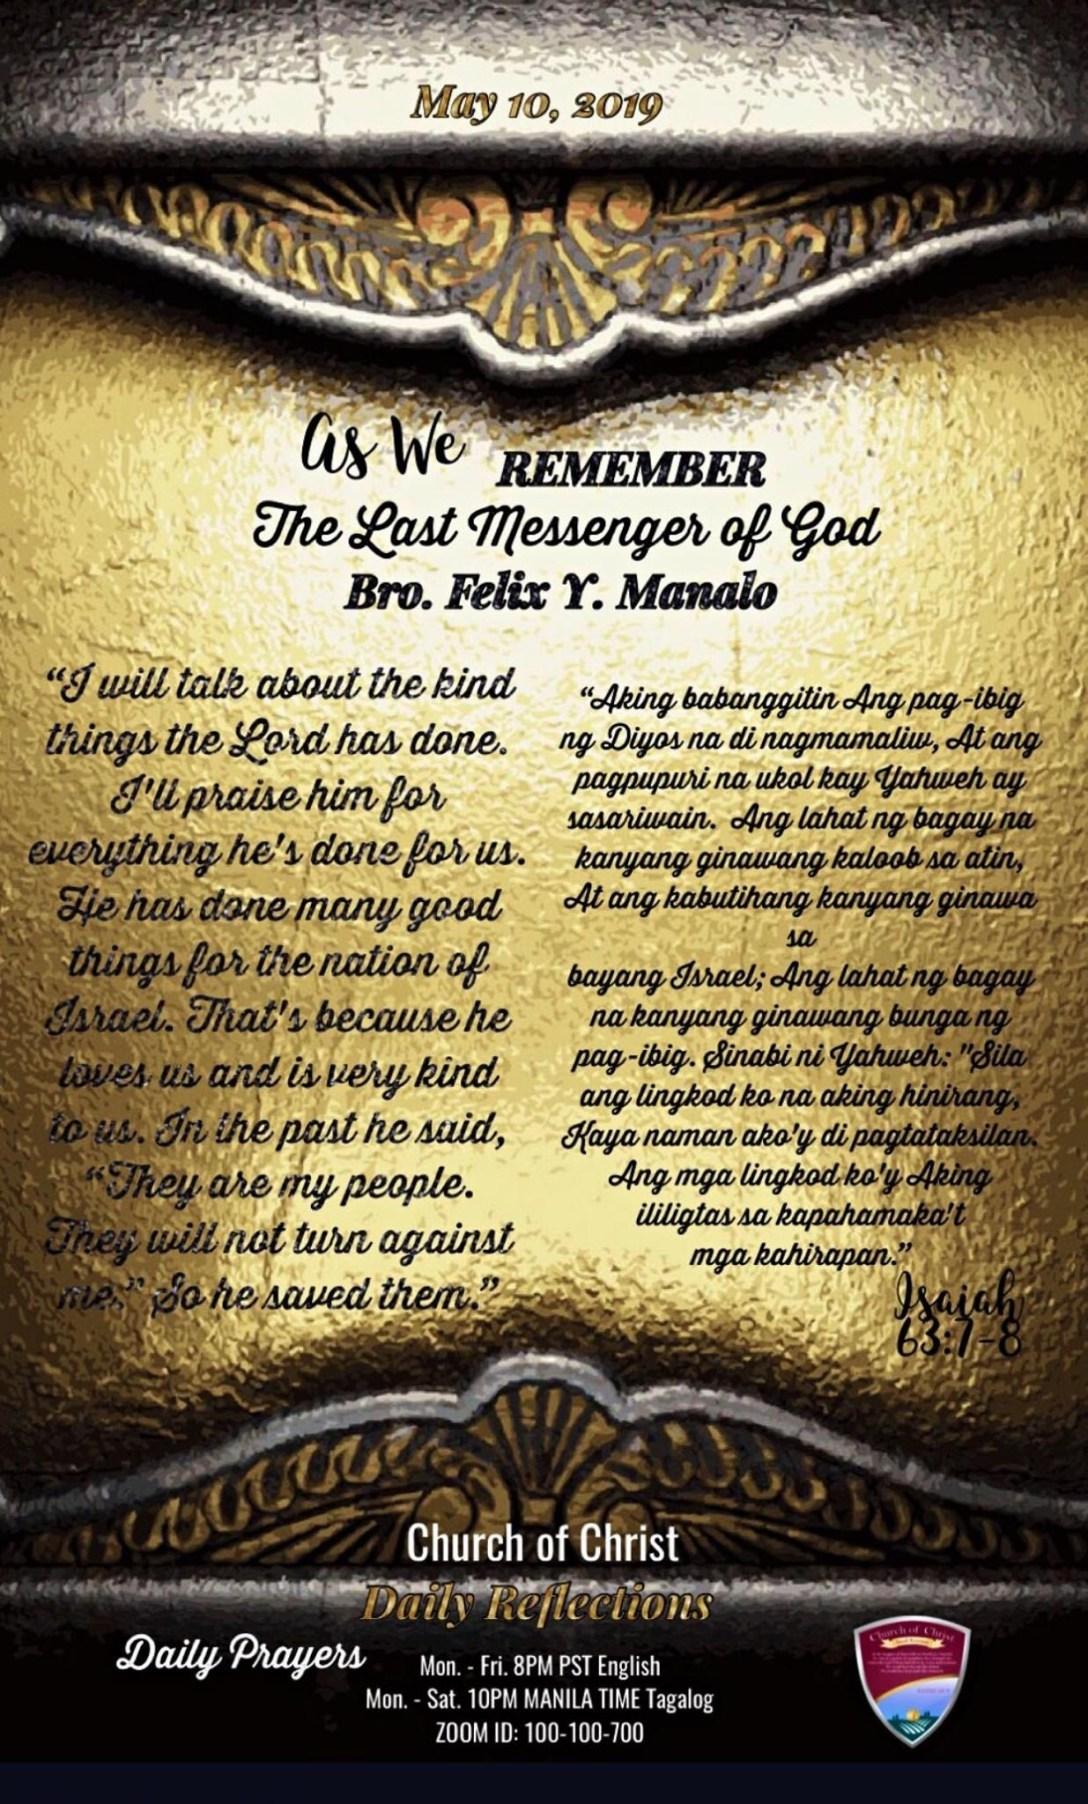 Remembering Bro. Felix Y. Manalo